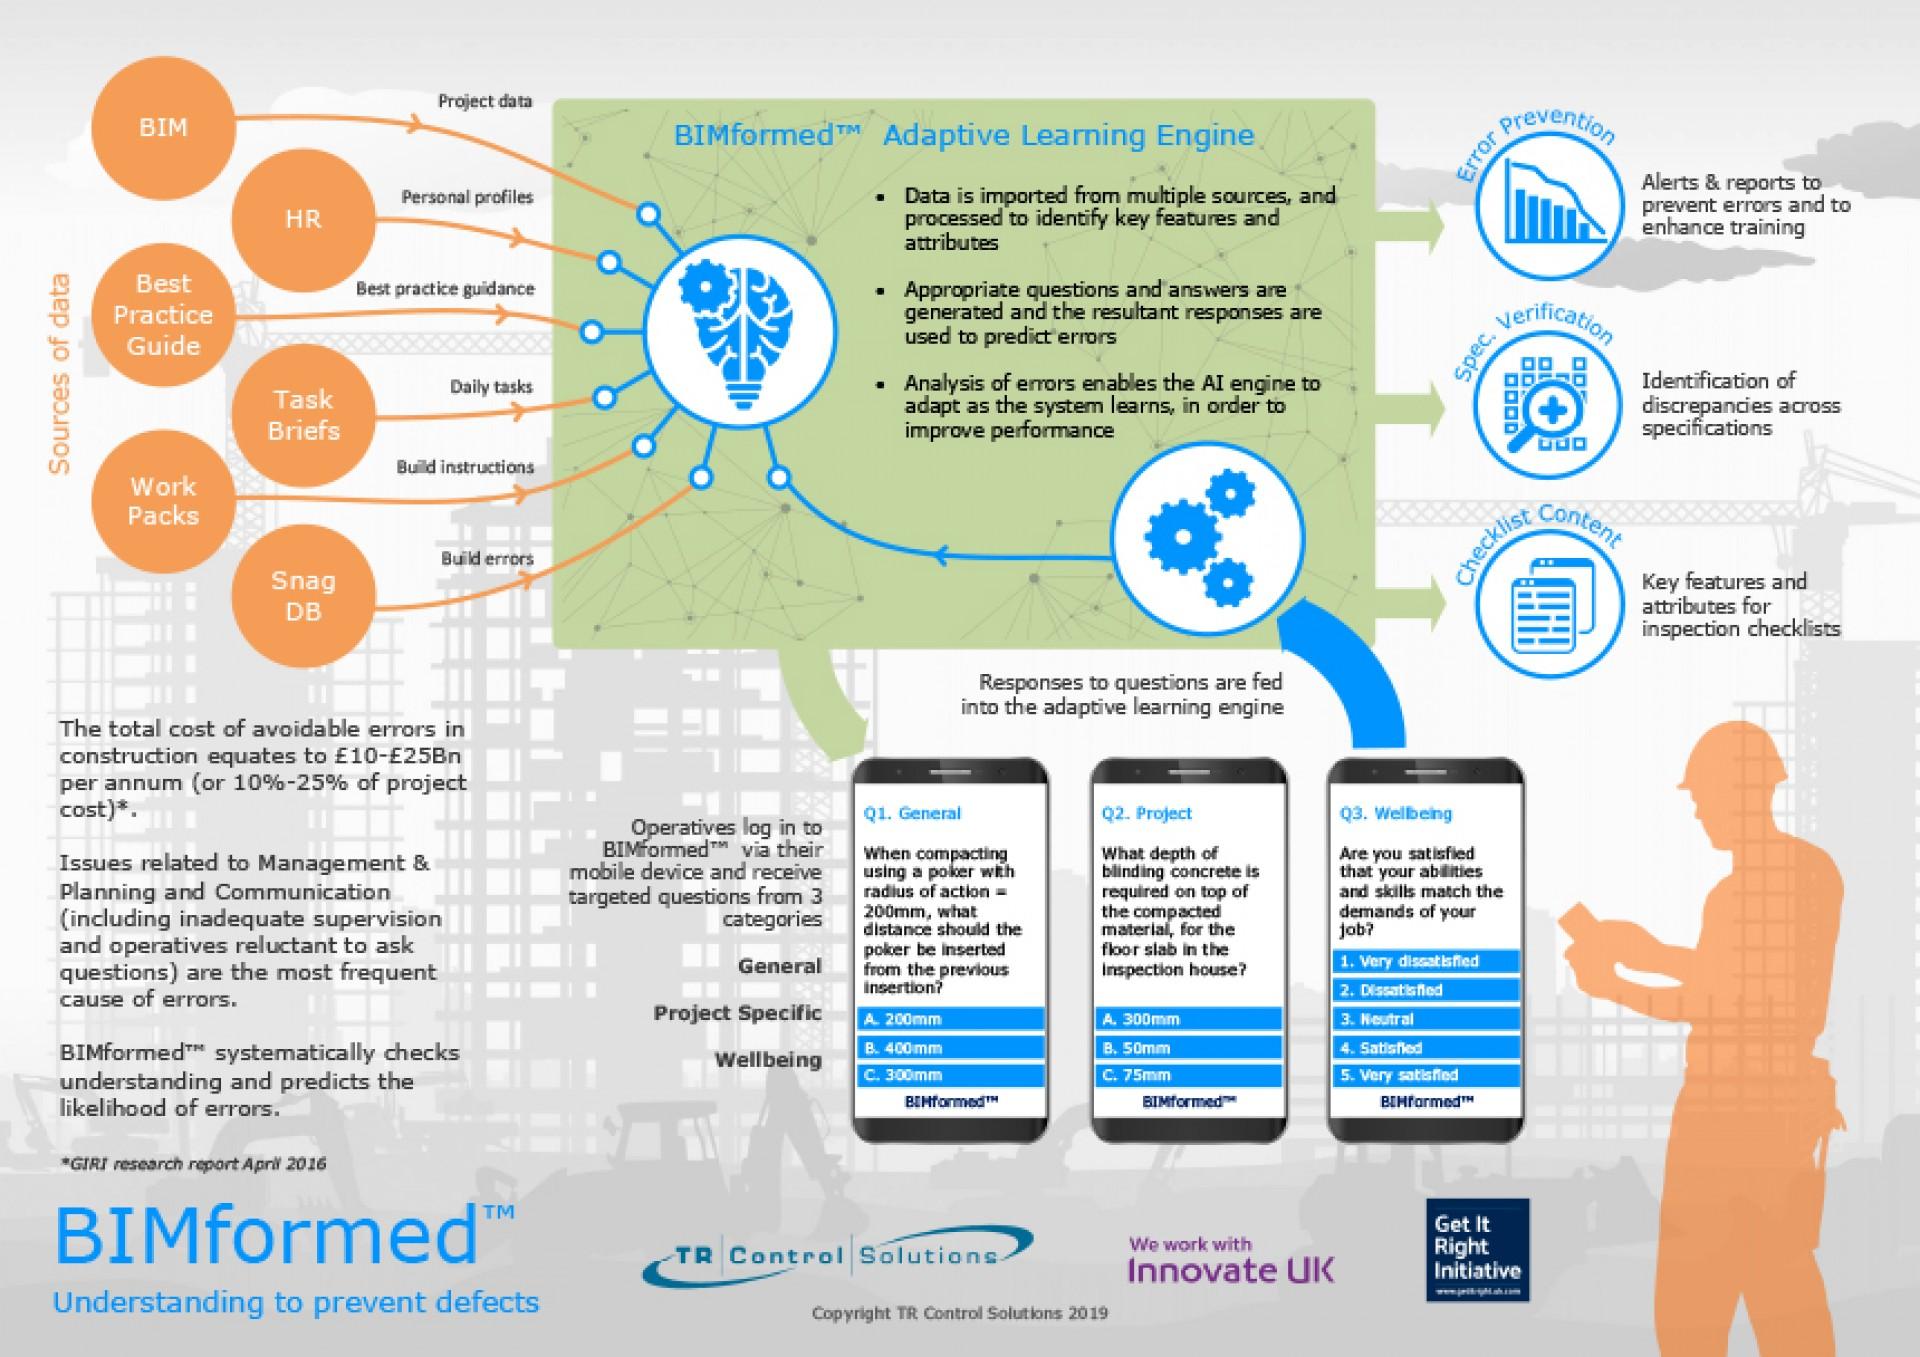 BIMformed™ Adaptive Learning Engine